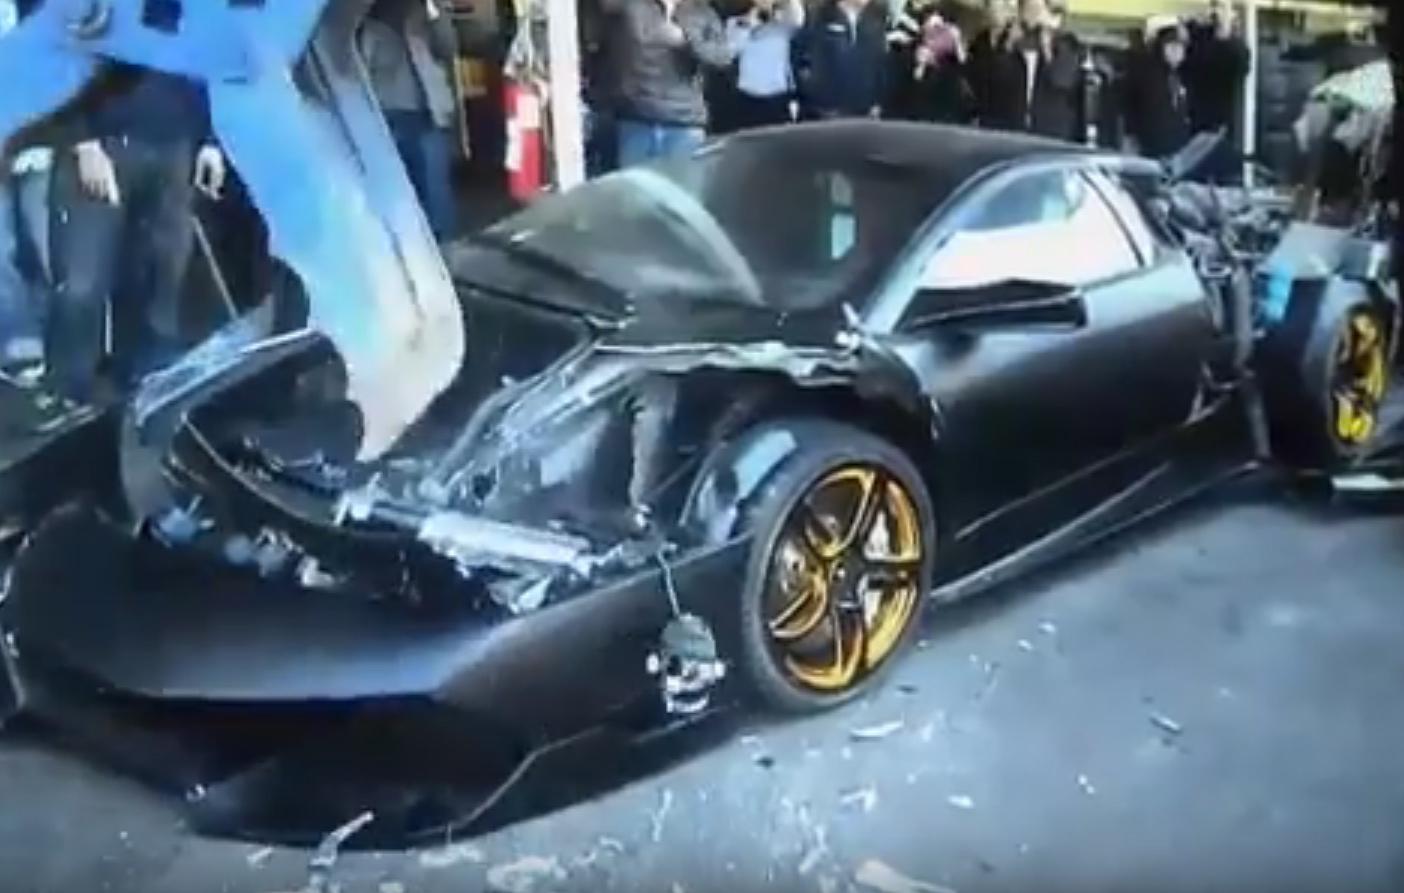 Imagenes De Un Lamborghini: Destrozan Un Lamborghini Murciélago Como Reprimenda